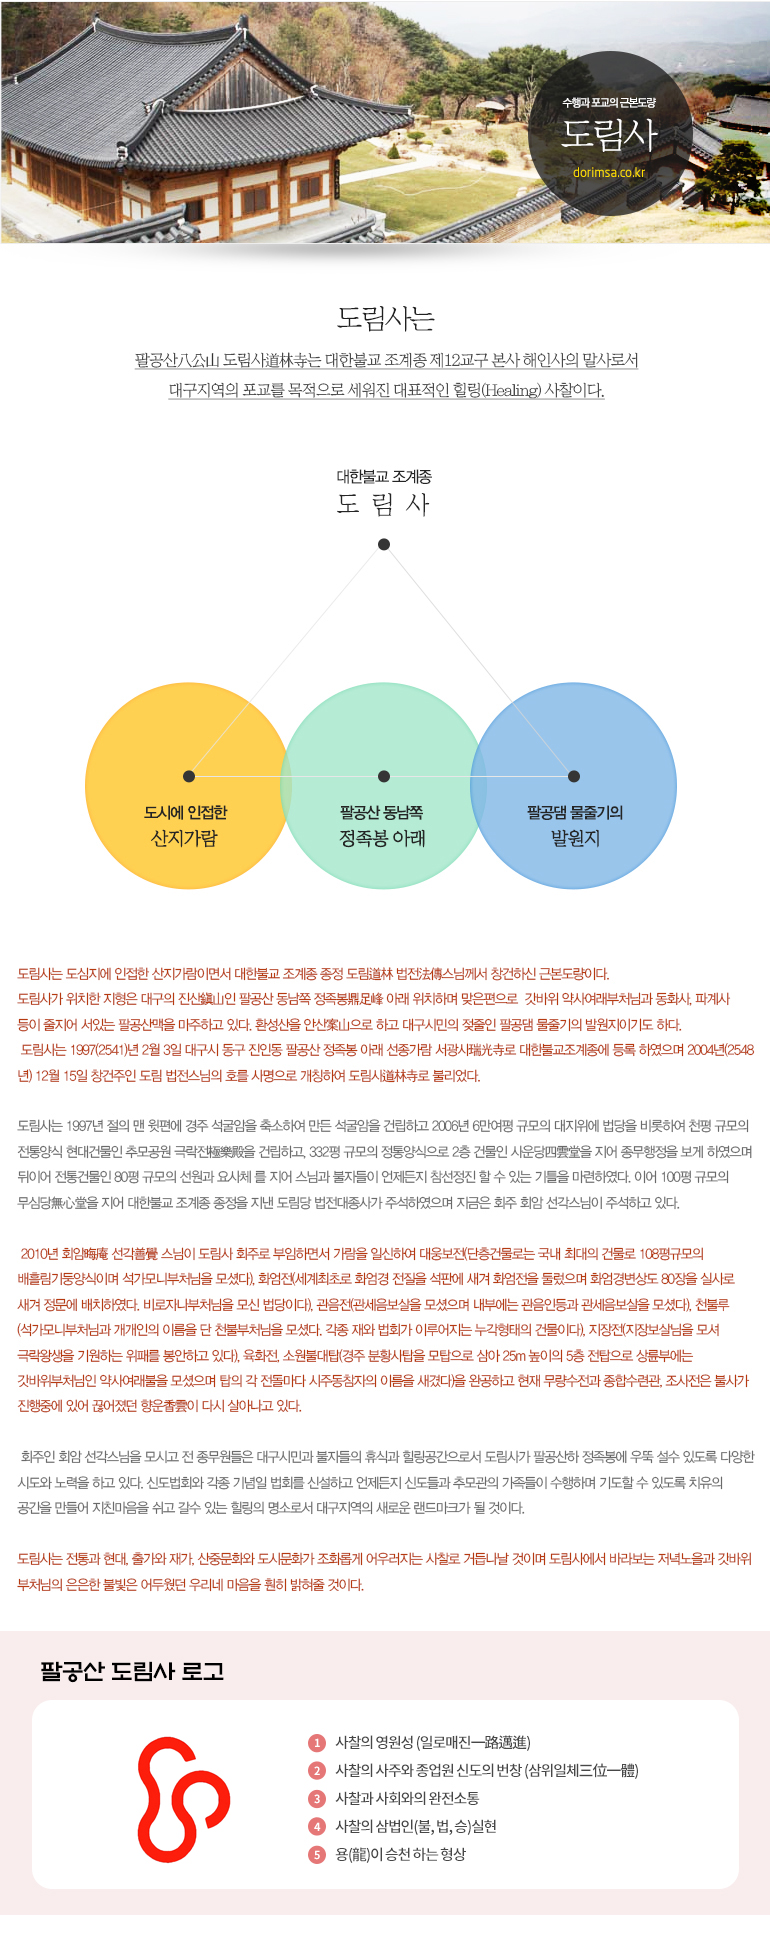 도림사소개.jpg